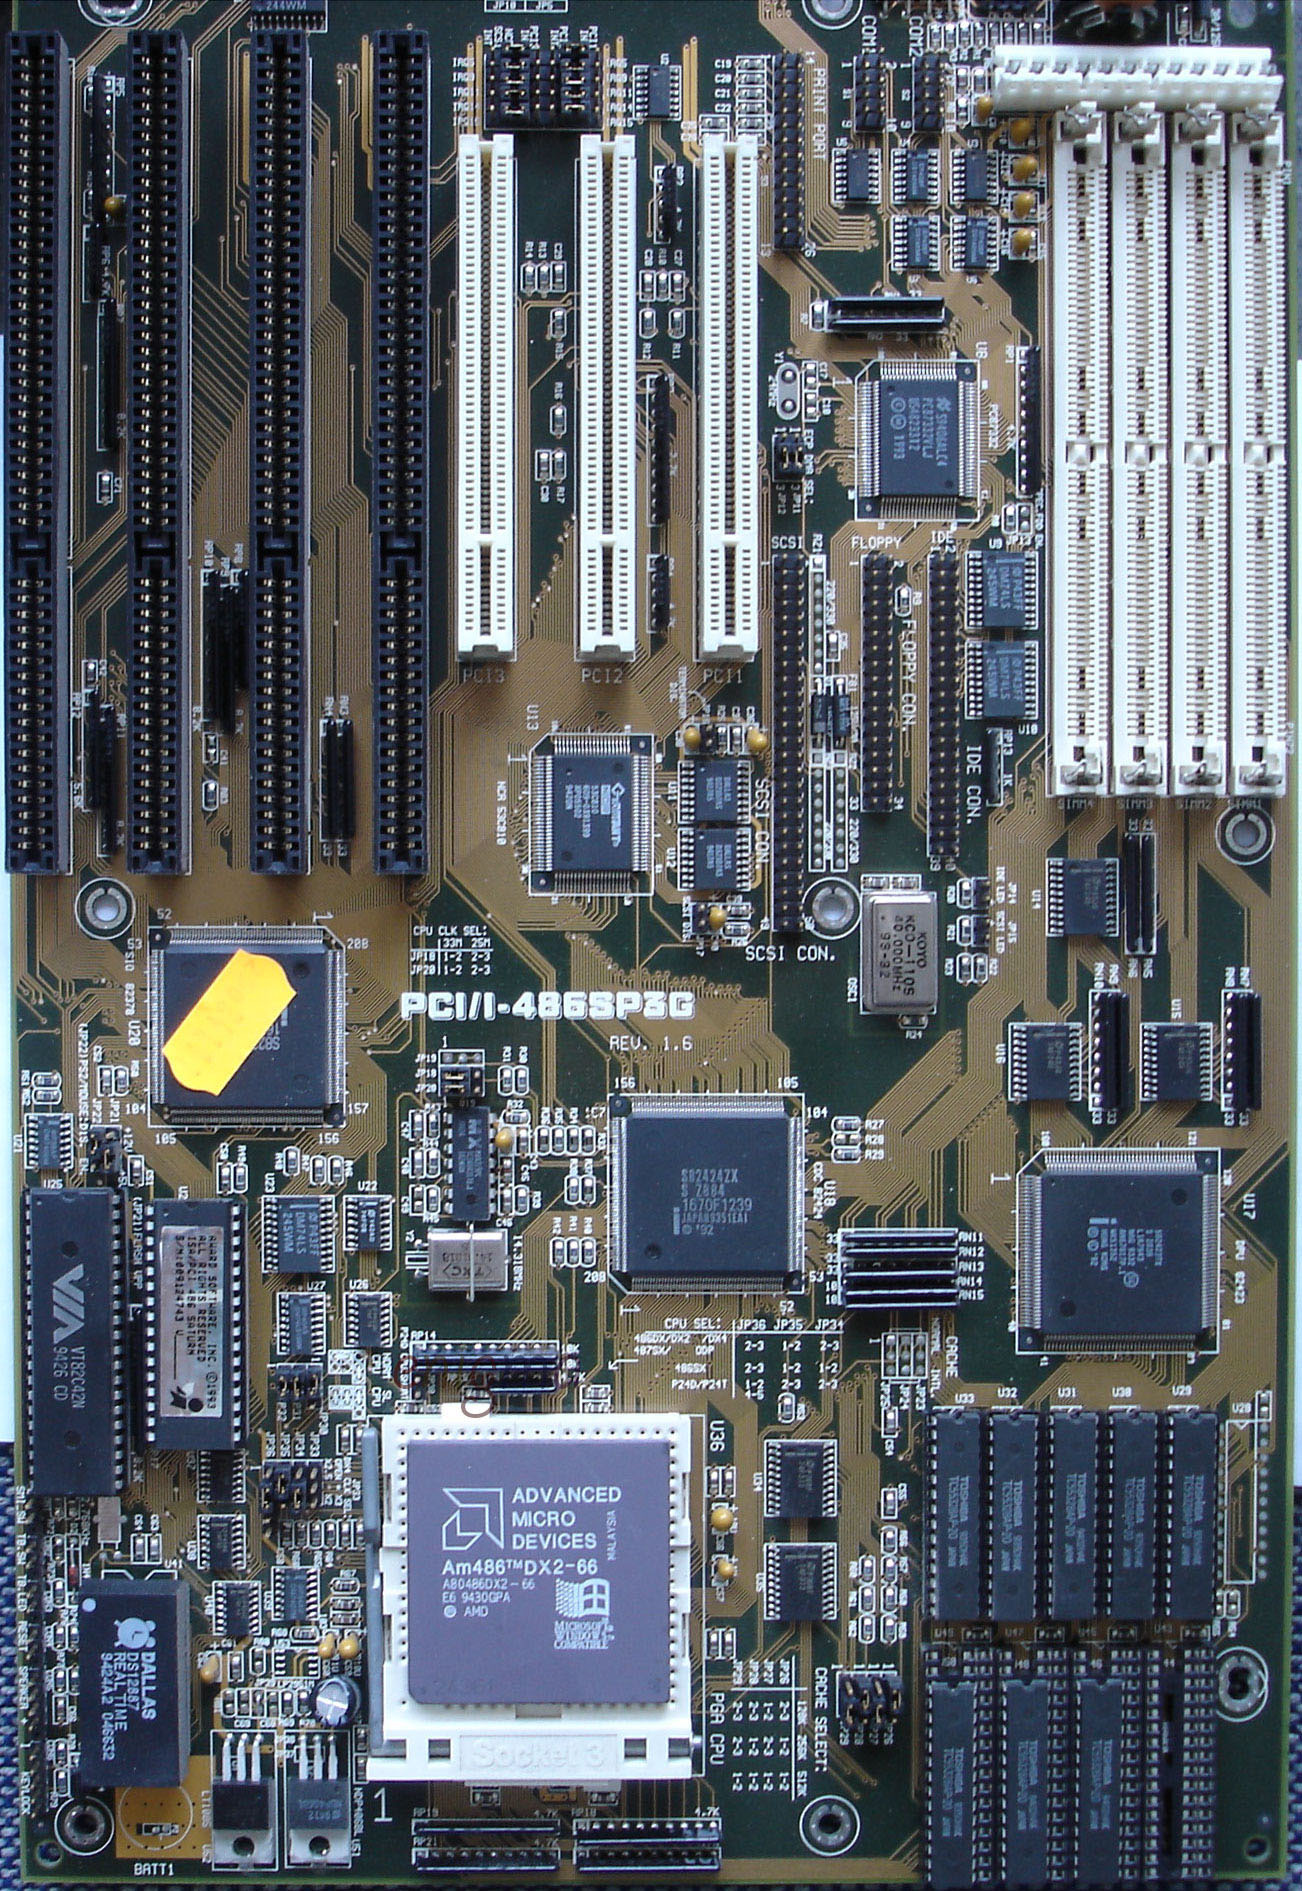 ATI SYMBIOS 8951U SCSI DRIVERS